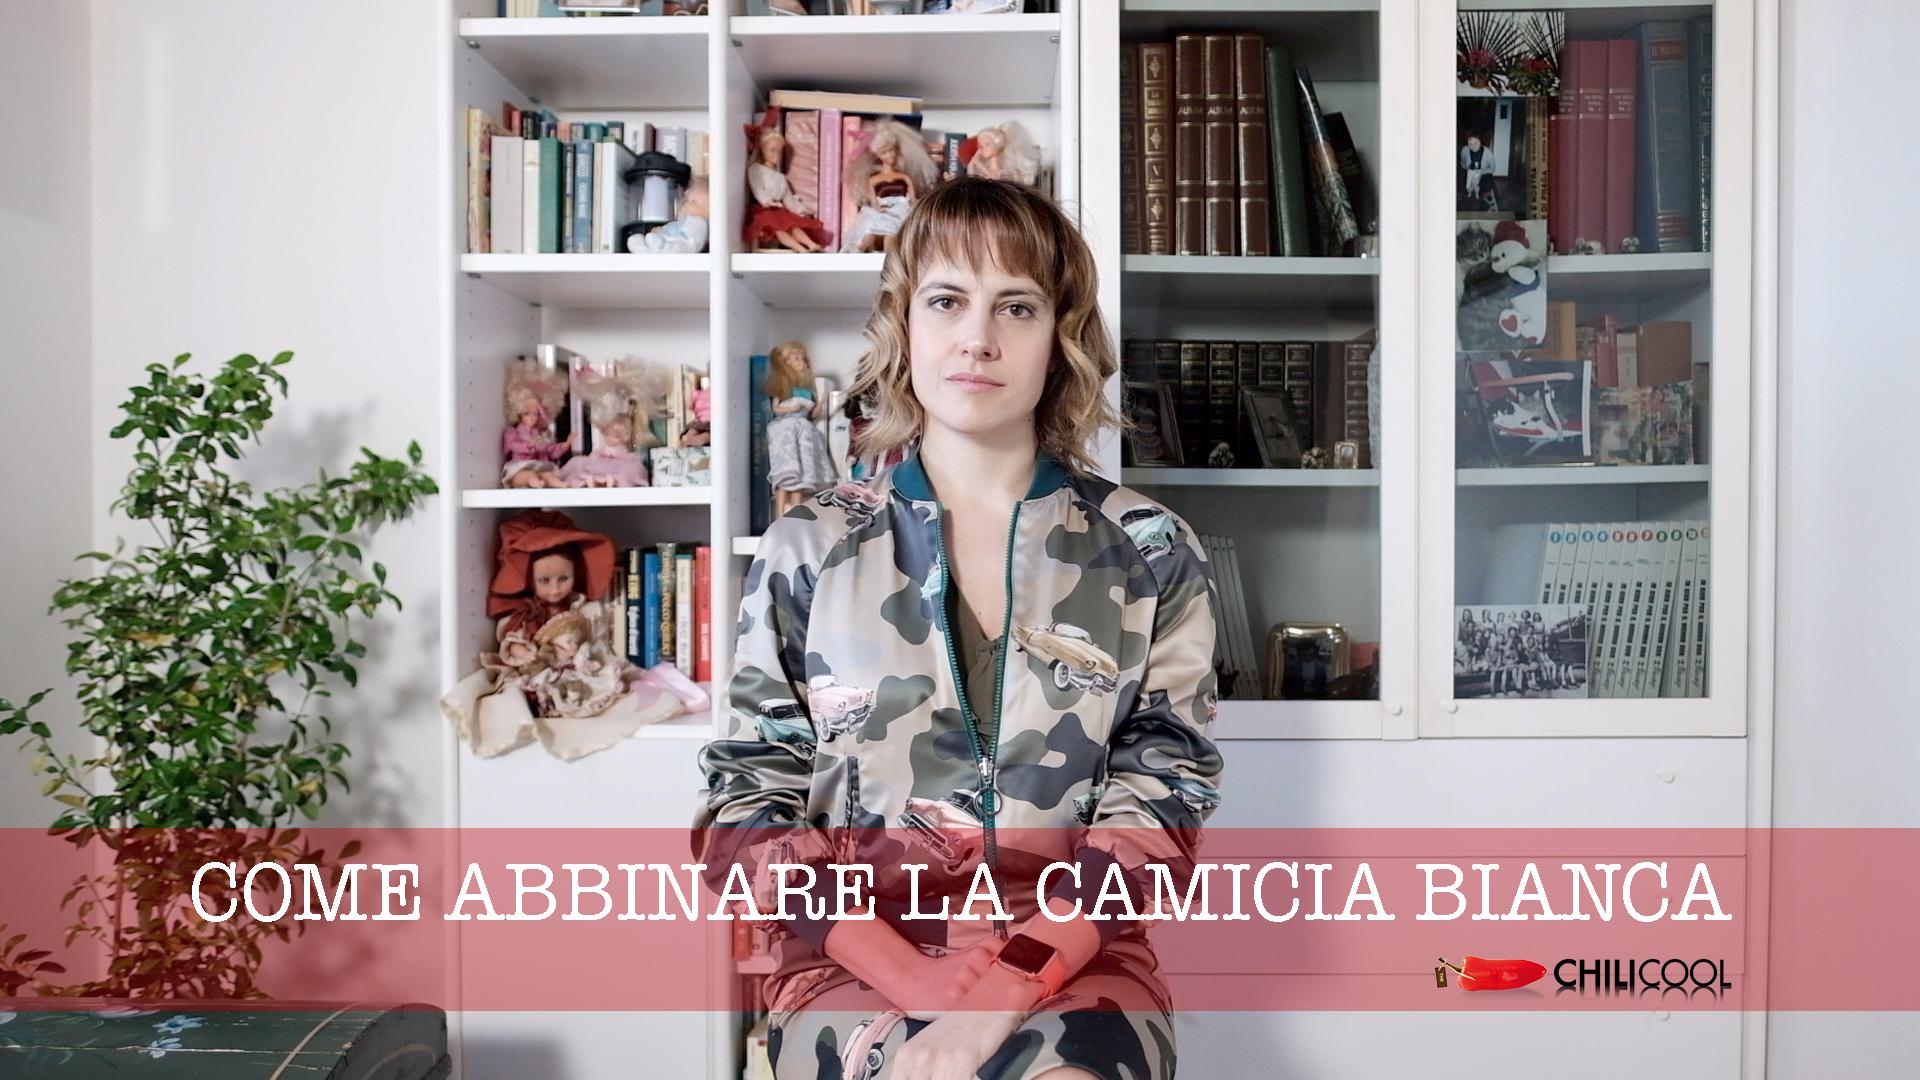 #ChiliGuide: come abbinare la camicia bianca, alessia milanese, thechilicool, fashion blog, fashion blogger